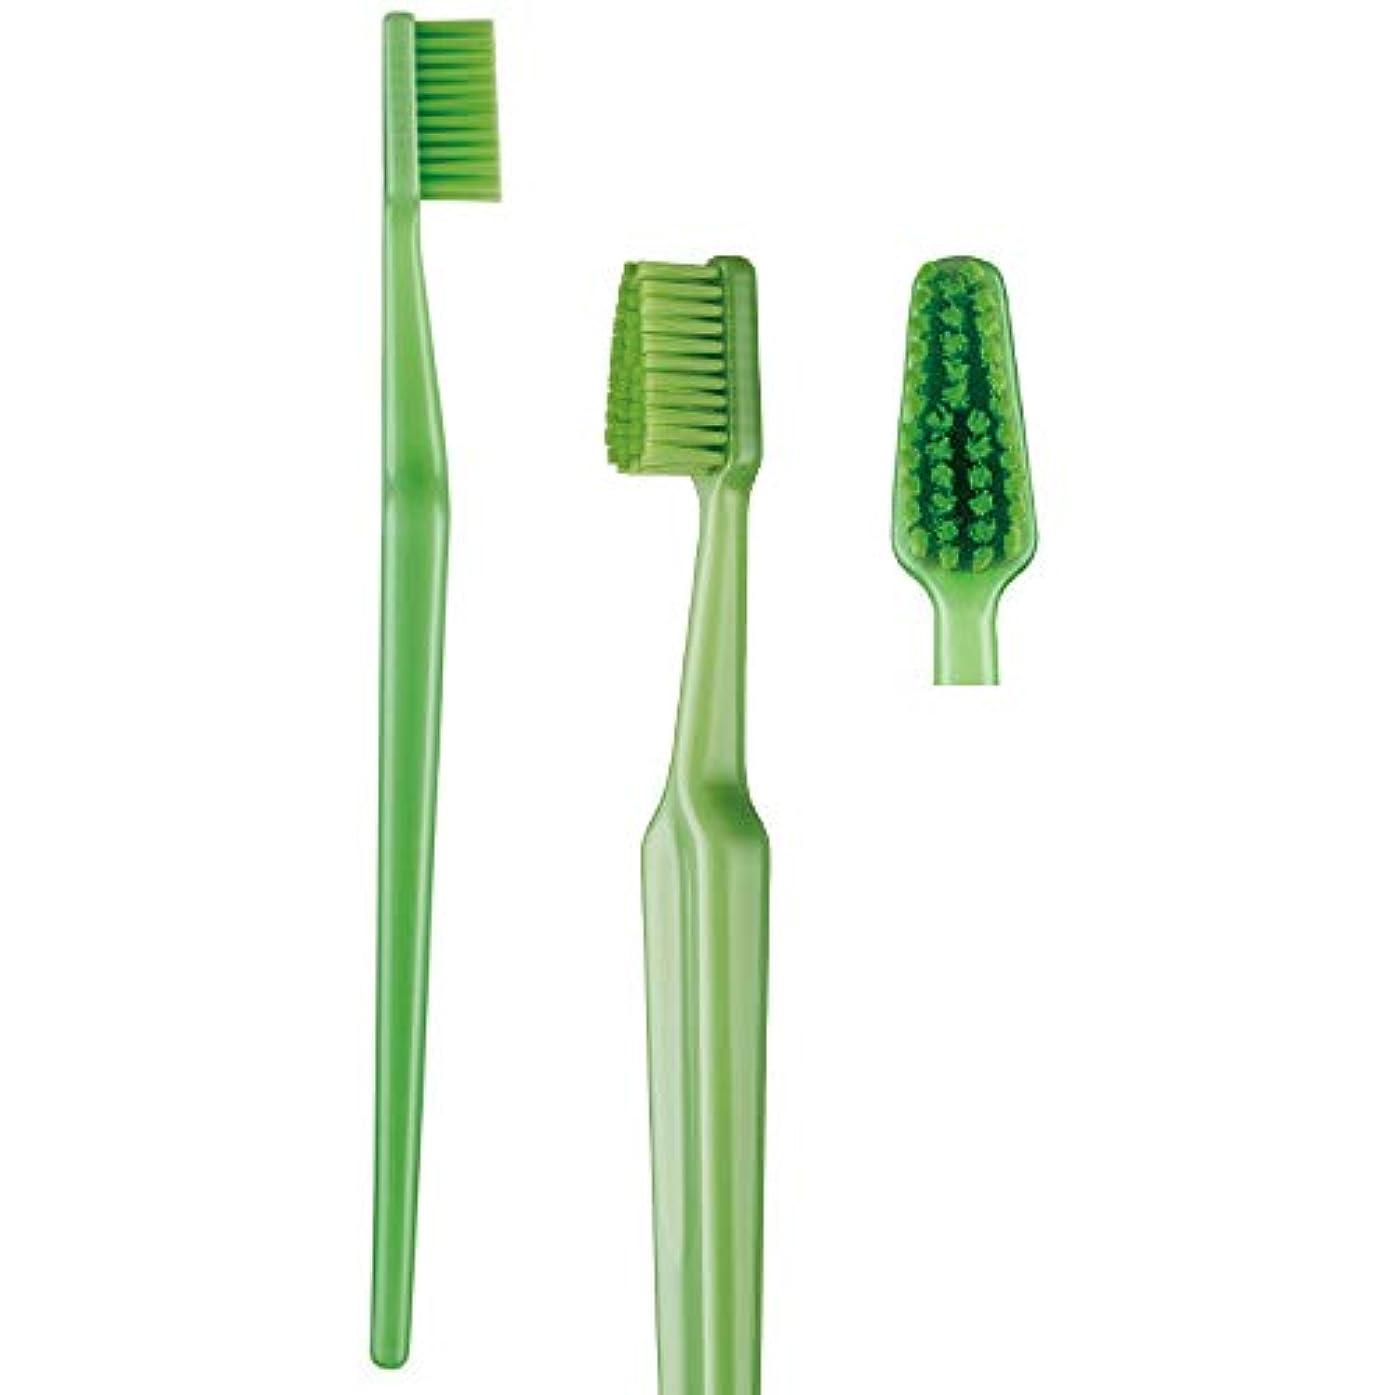 ノイズハイライトあえて歯科専売品 大人用歯ブラシ TePe GOOD (グッド) レギュラー ソフト(やわらかめ) ヘッド大 1本